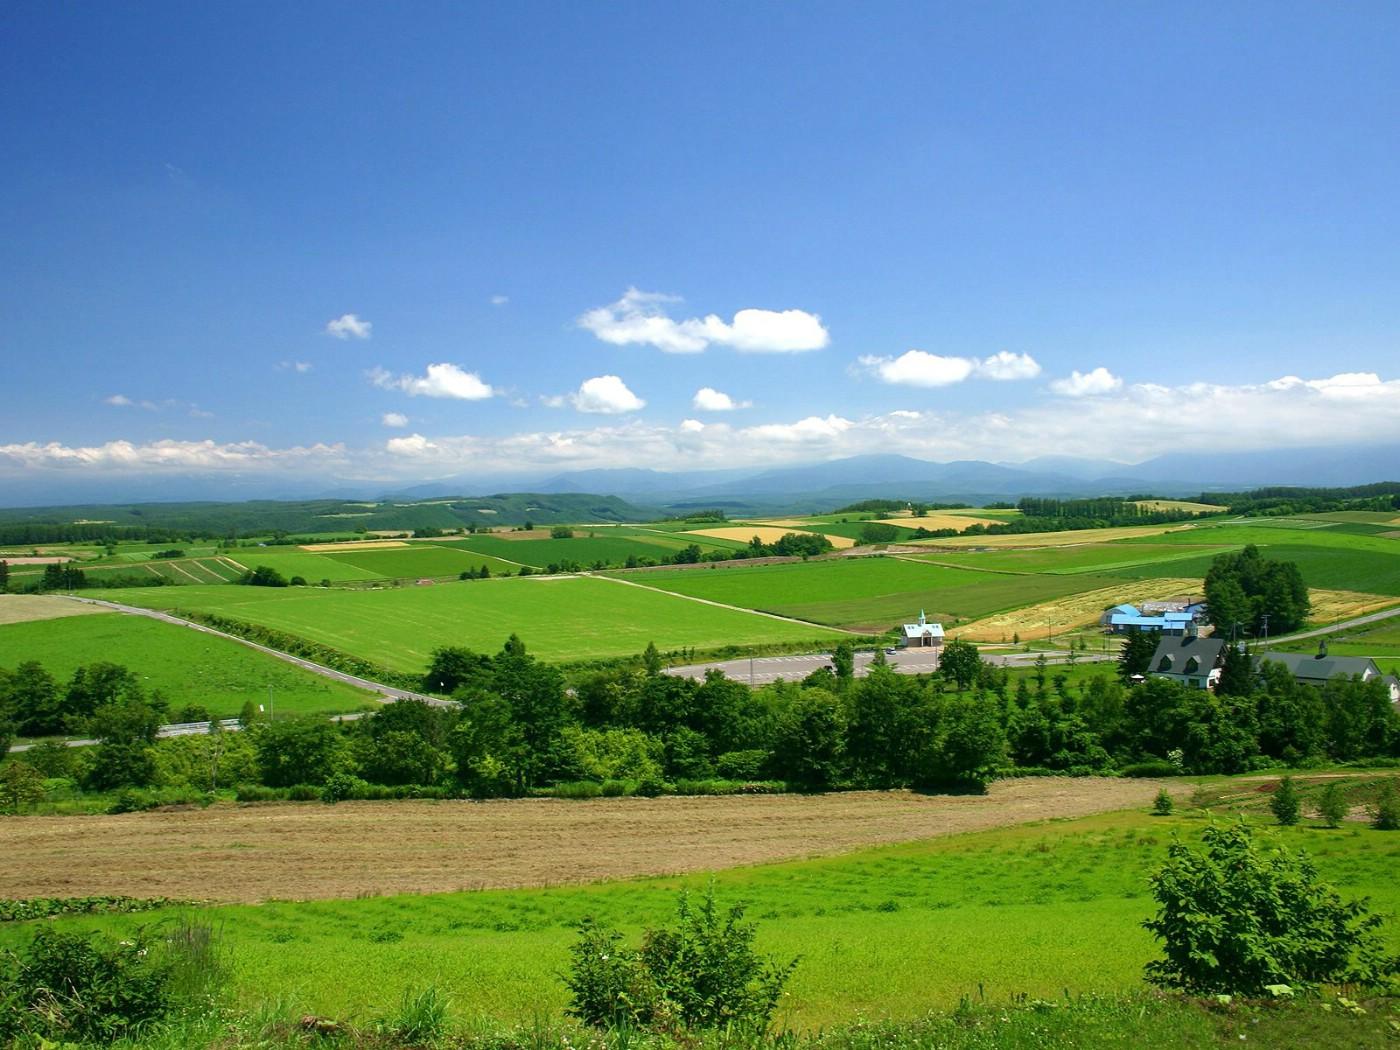 北海道的郊野壁纸图片风景壁纸风景图片素材桌面壁纸